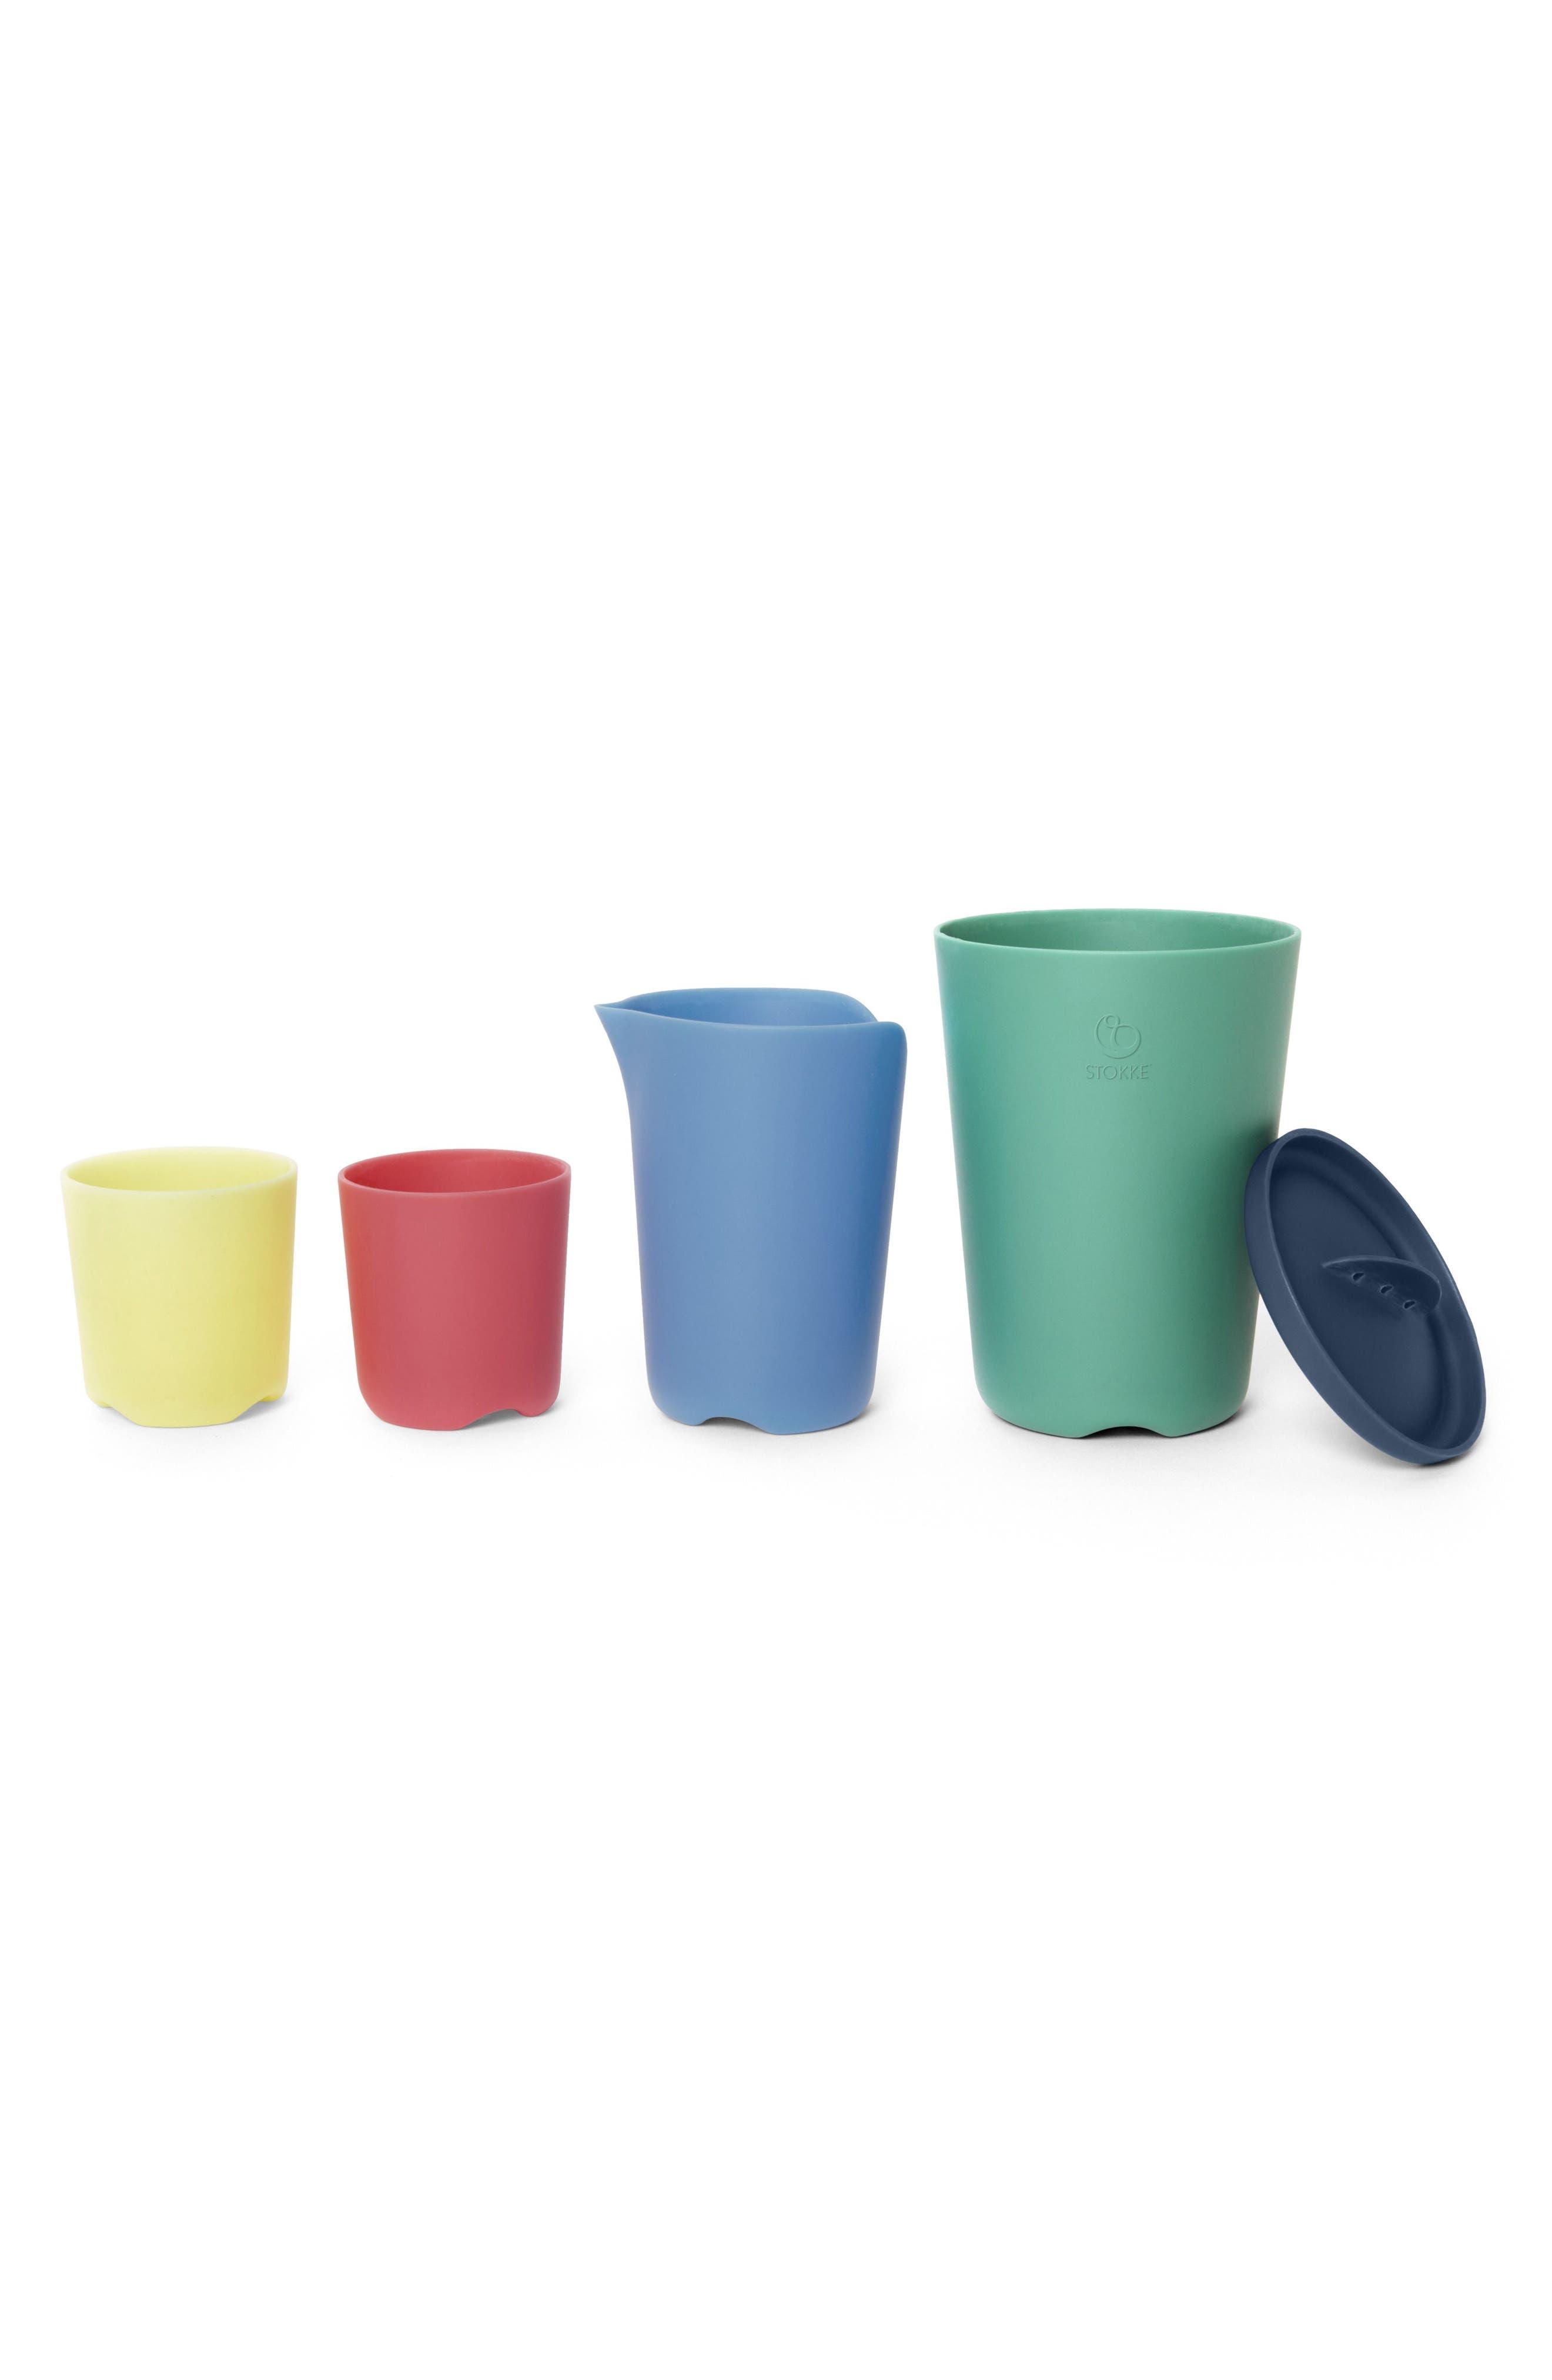 STOKKE Flexi Bath<sup>®</sup> 5-Piece Toy Cups Set, Main, color, 300